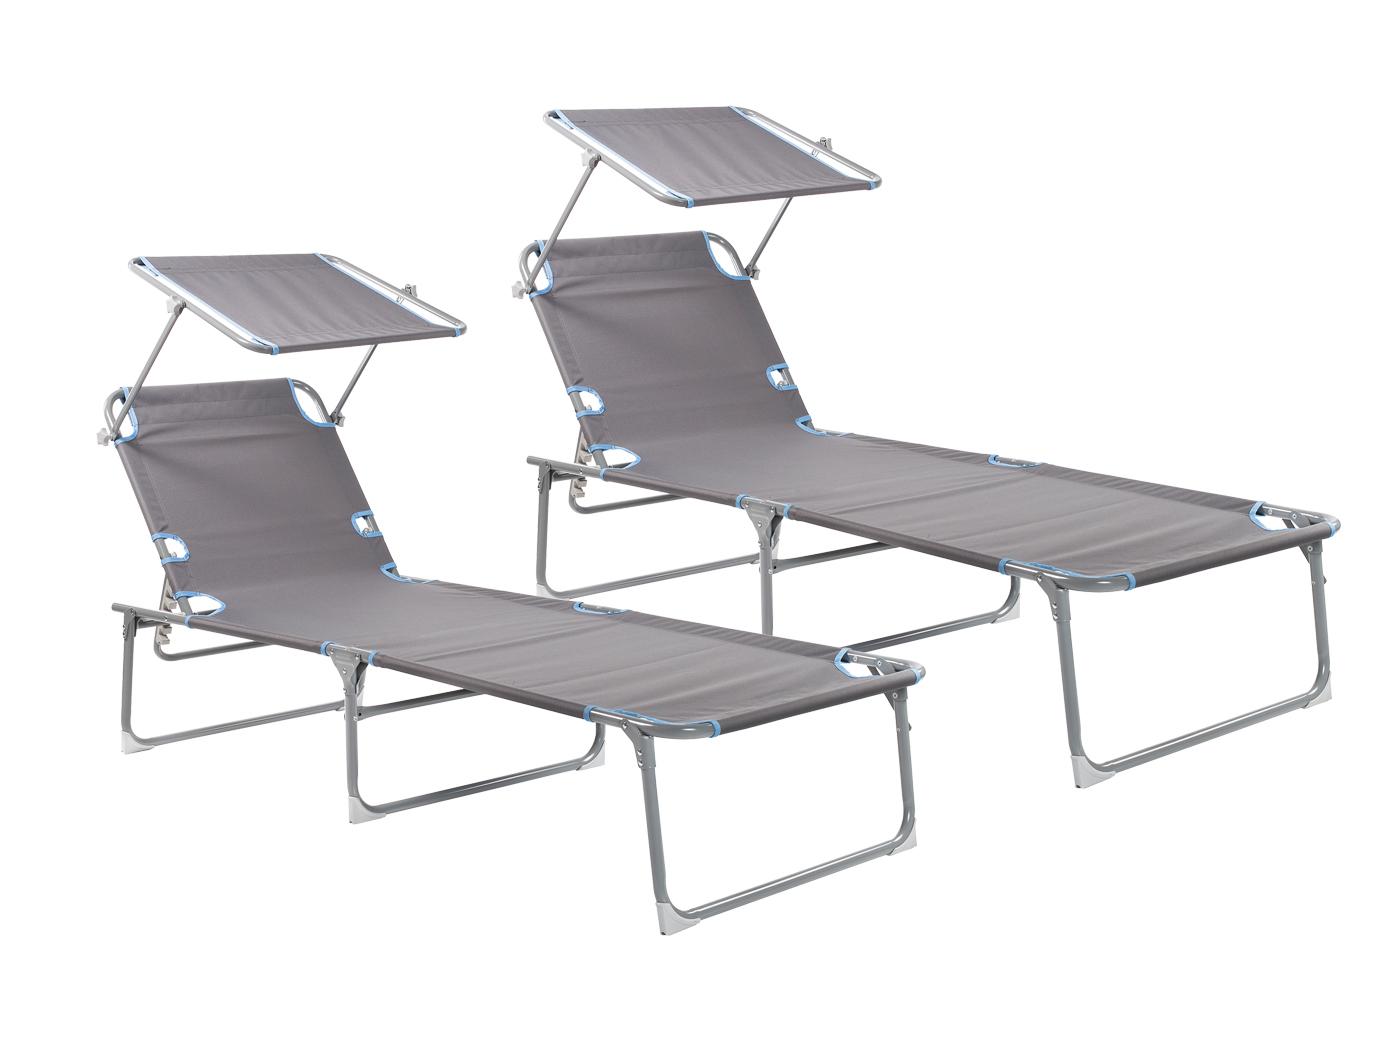 2er set dreibeinliege klappbar gartenliege alu kippliege b derliege relaxliege ebay. Black Bedroom Furniture Sets. Home Design Ideas